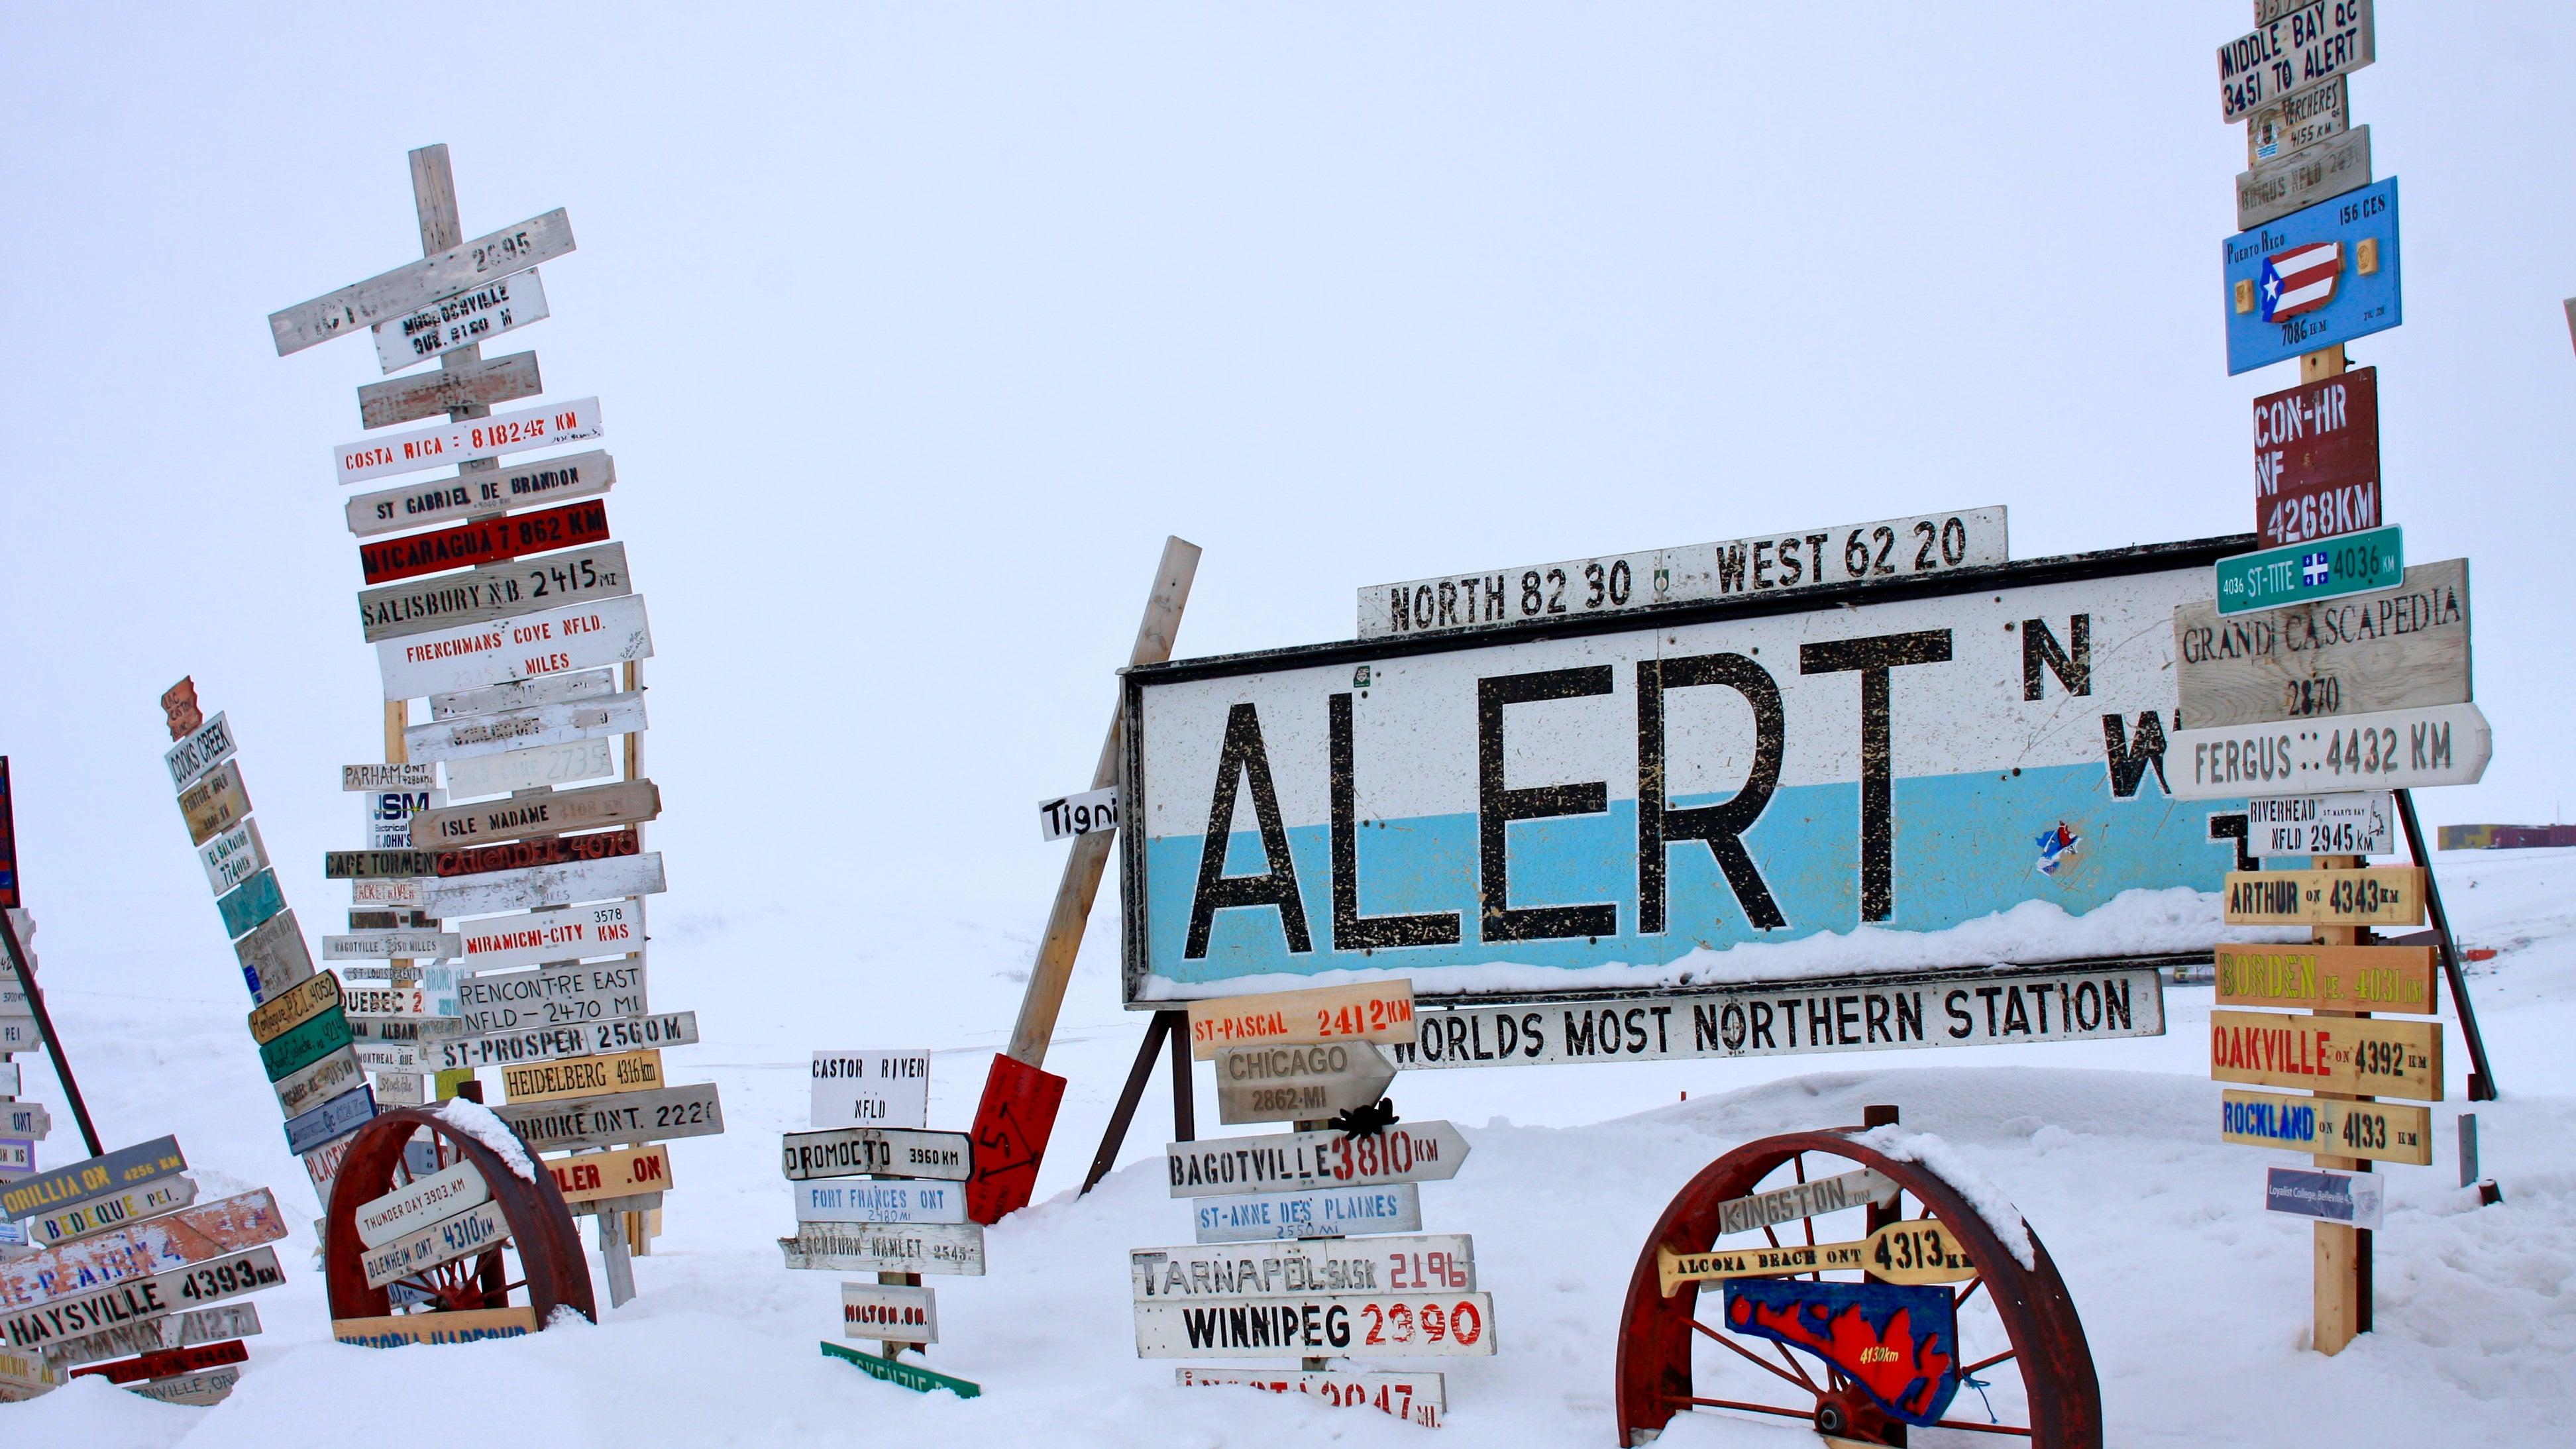 alert arctic canada earther heat-wave nunavut